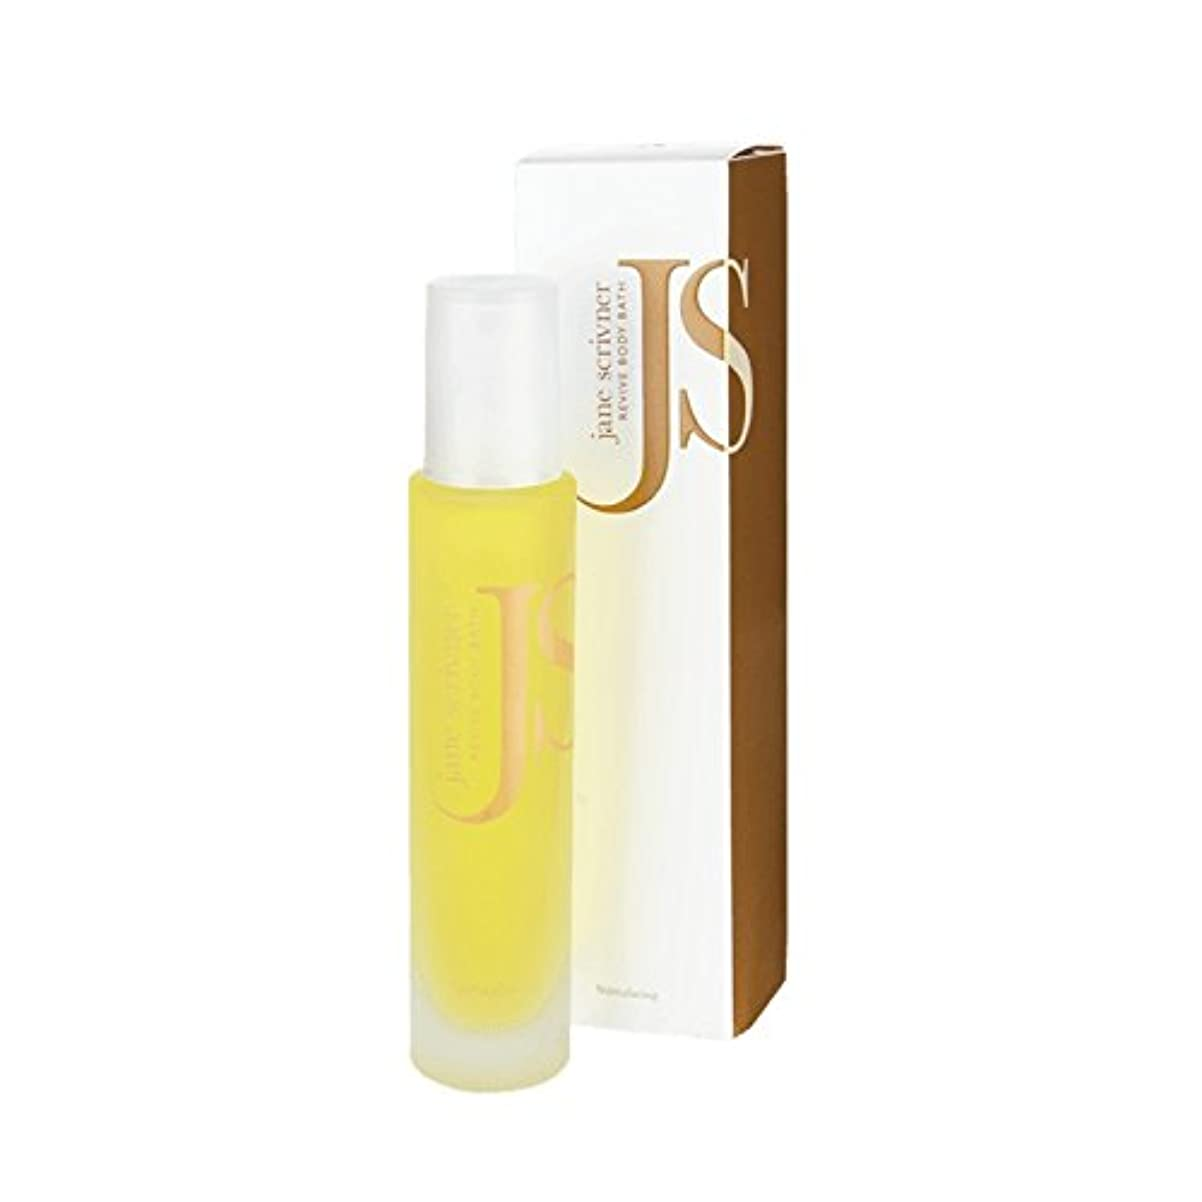 傷つける印刷するくぼみJane Scrivner Body Bath Oil Revive 100ml (Pack of 2) - ジェーンScrivnerボディバスオイル100ミリリットルを復活させます (x2) [並行輸入品]